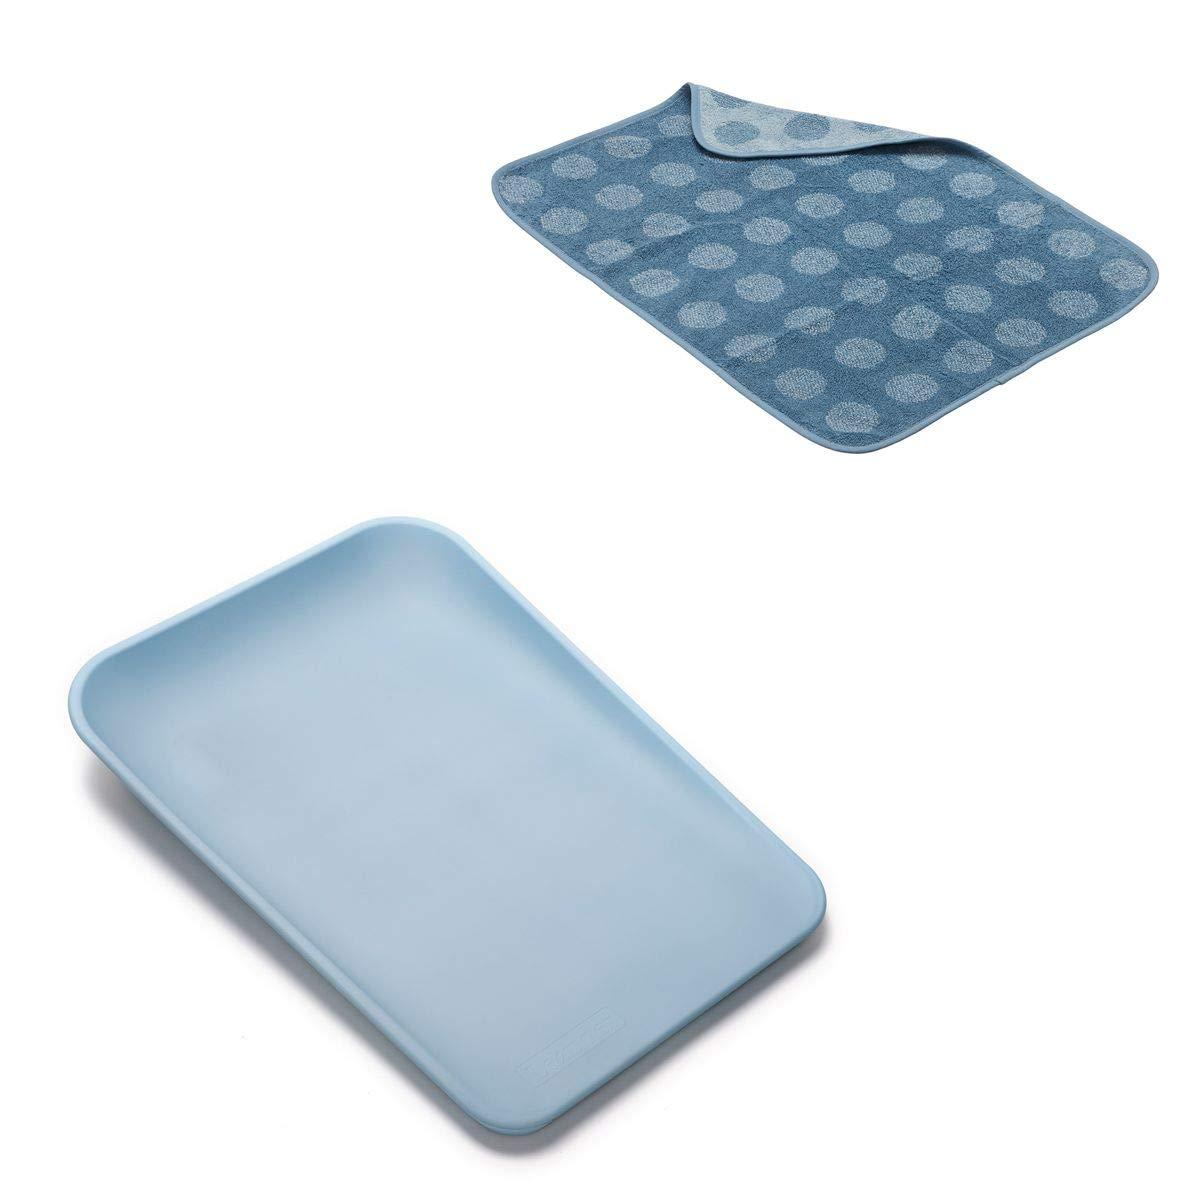 Topper in der Farbe dusty blue Leander Matty Wickelkissen in der Farbe pale blue